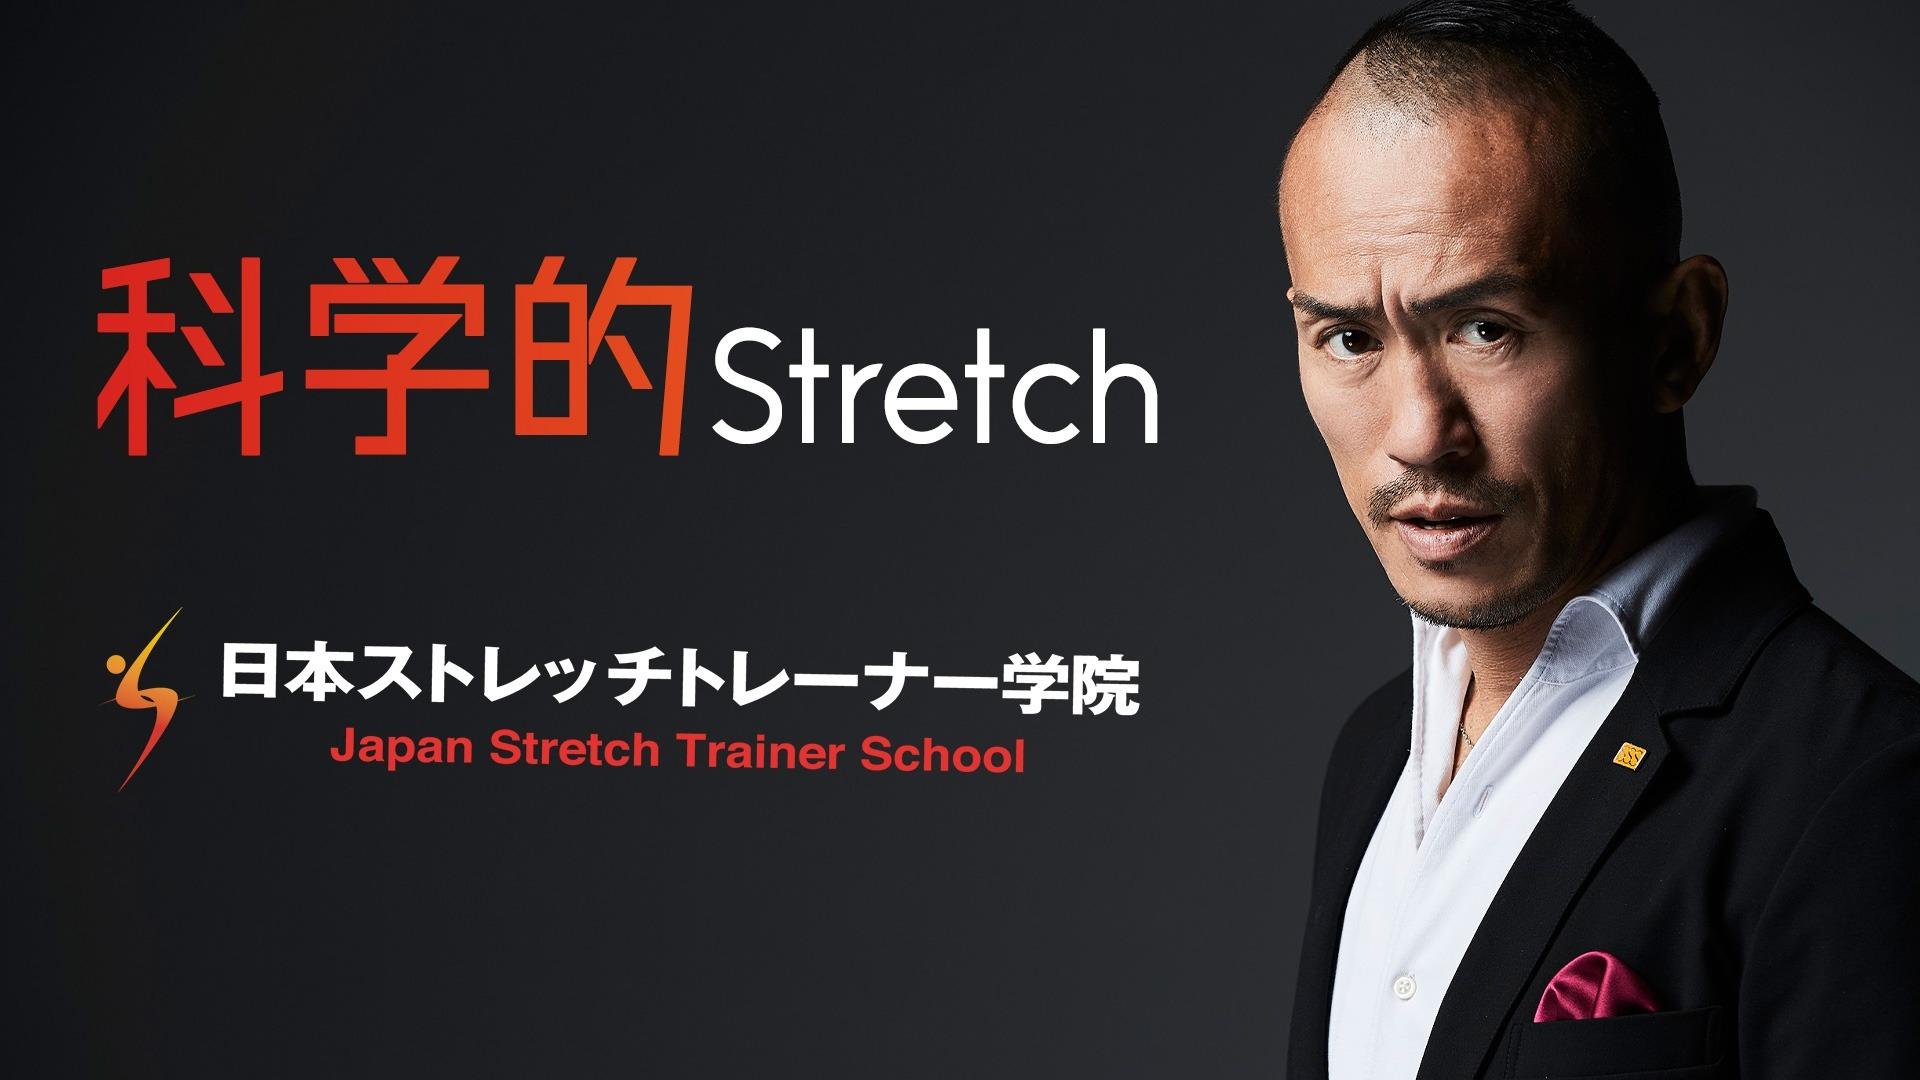 学院代表 兼子 ただし - 日本ストレッチトレーナー学院 - DMM オンラインサロン